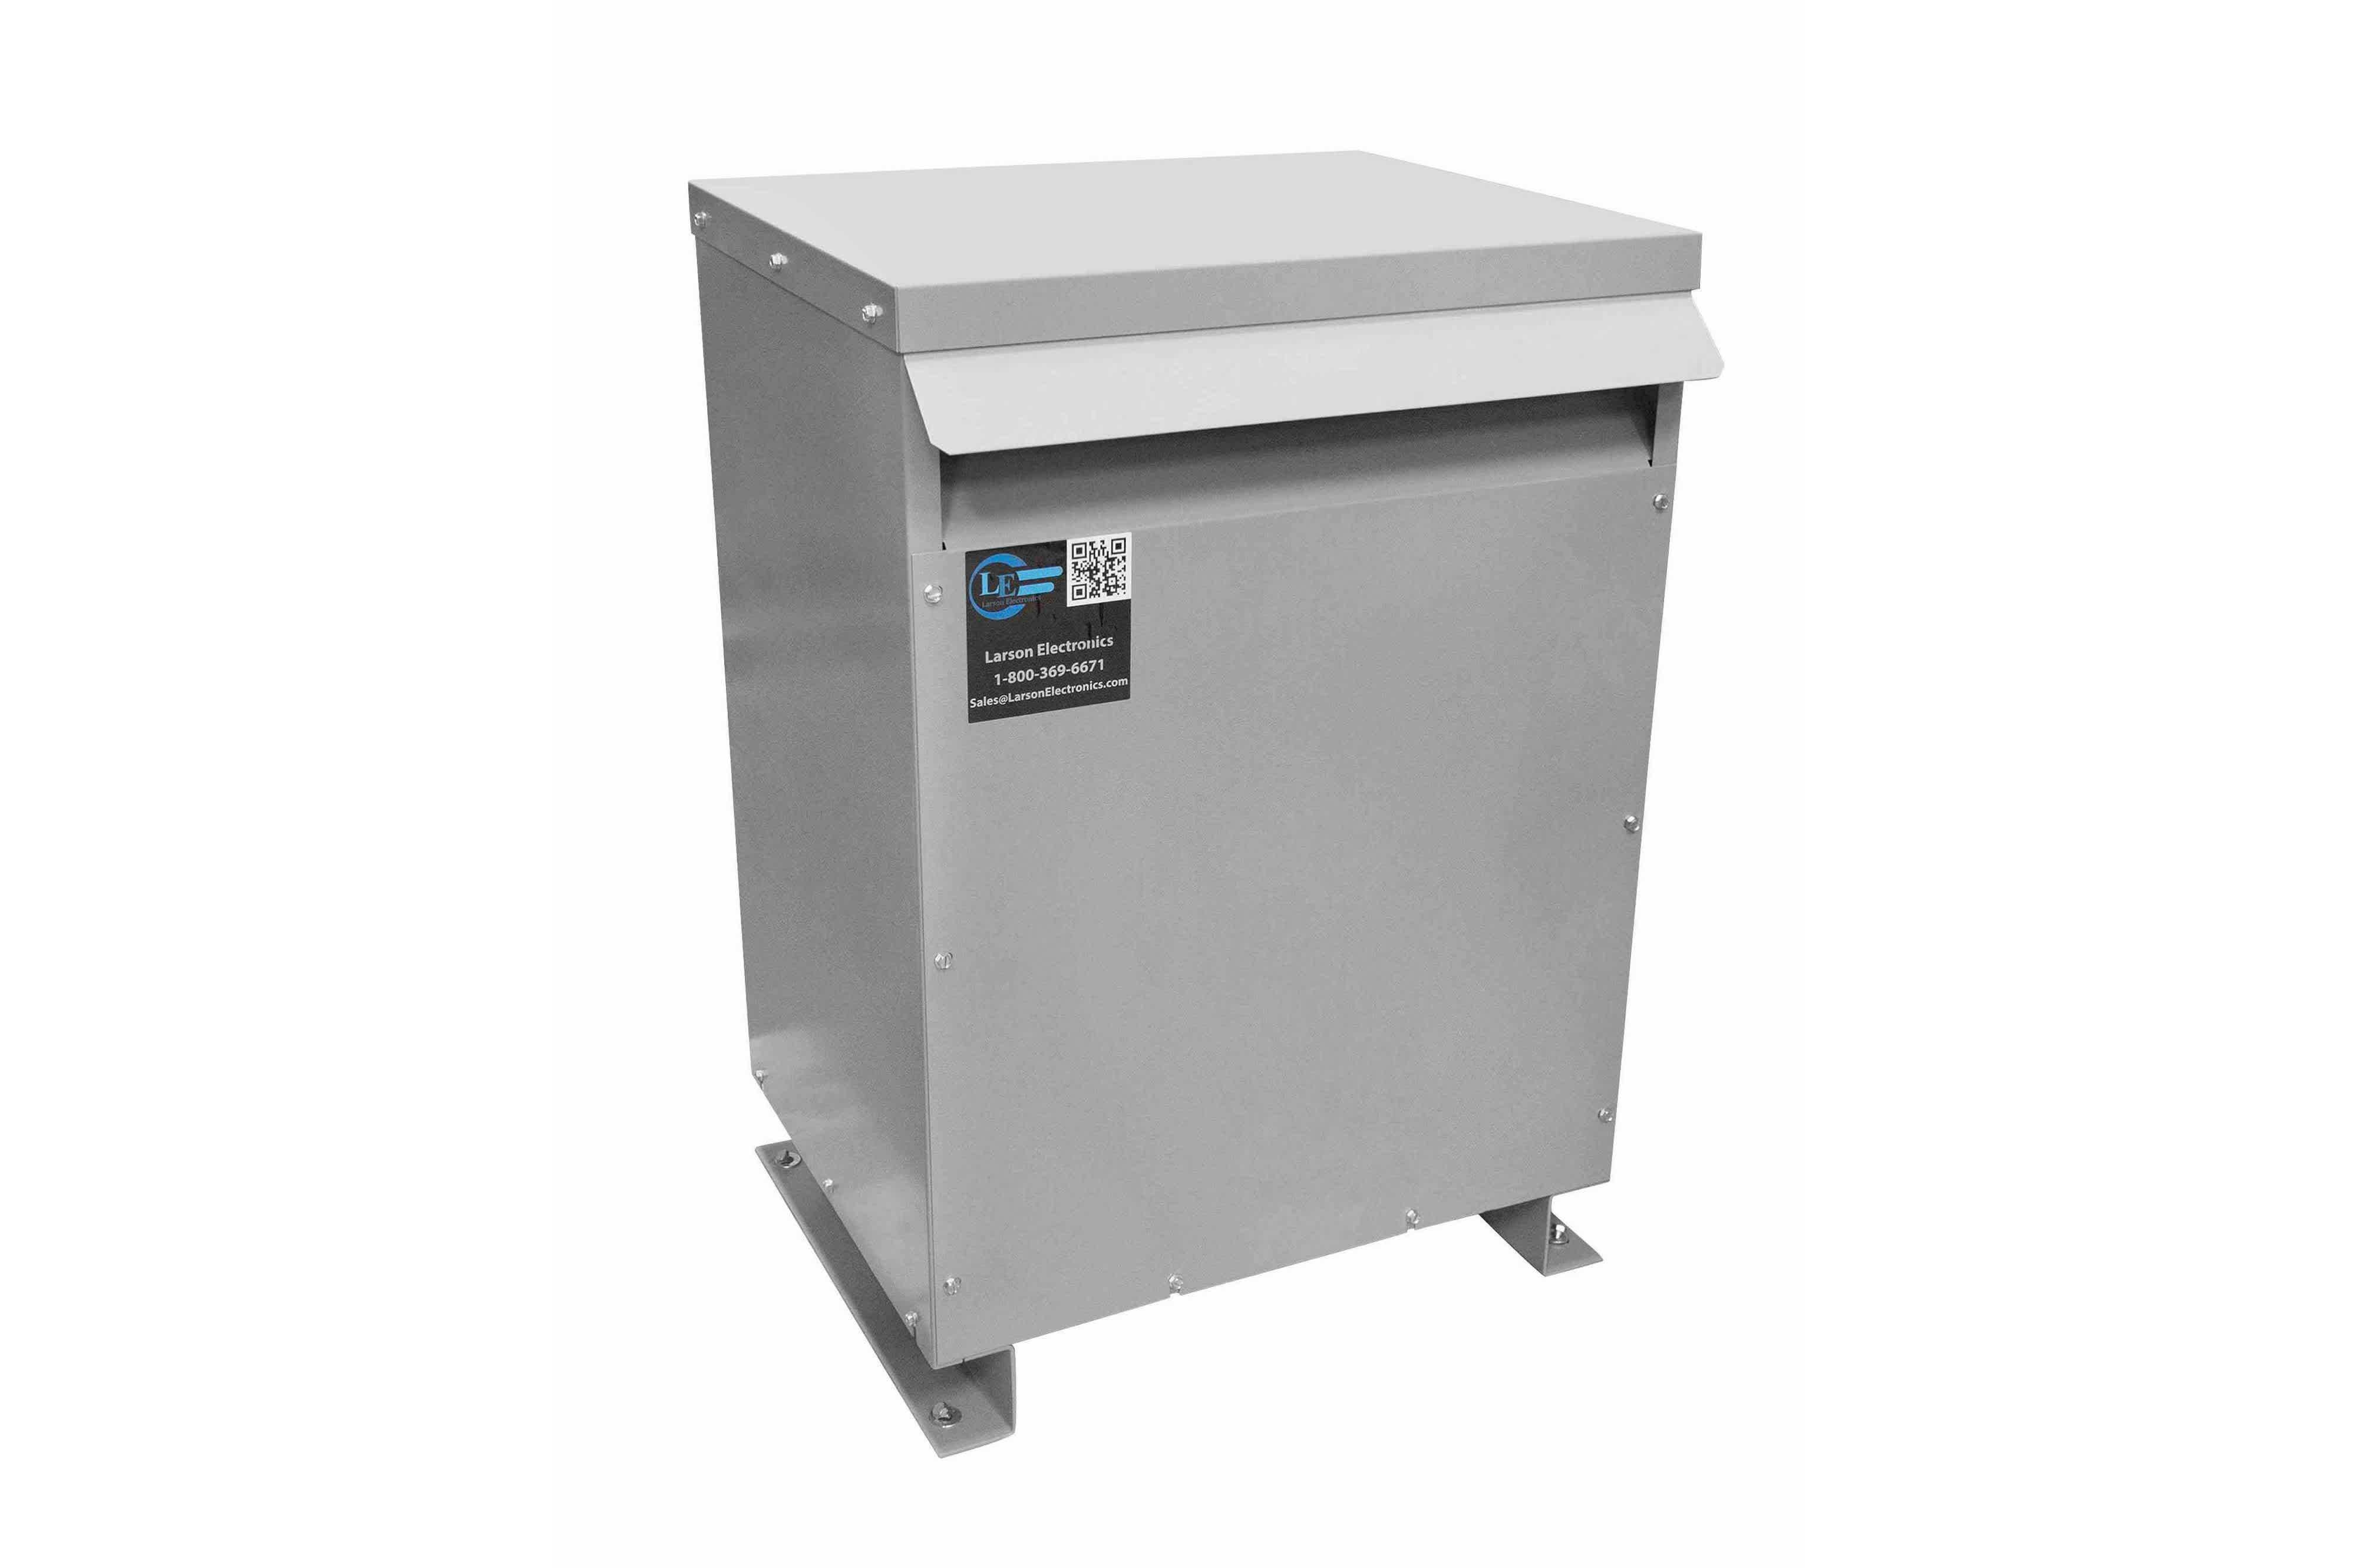 30 kVA 3PH Isolation Transformer, 220V Delta Primary, 480V Delta Secondary, N3R, Ventilated, 60 Hz